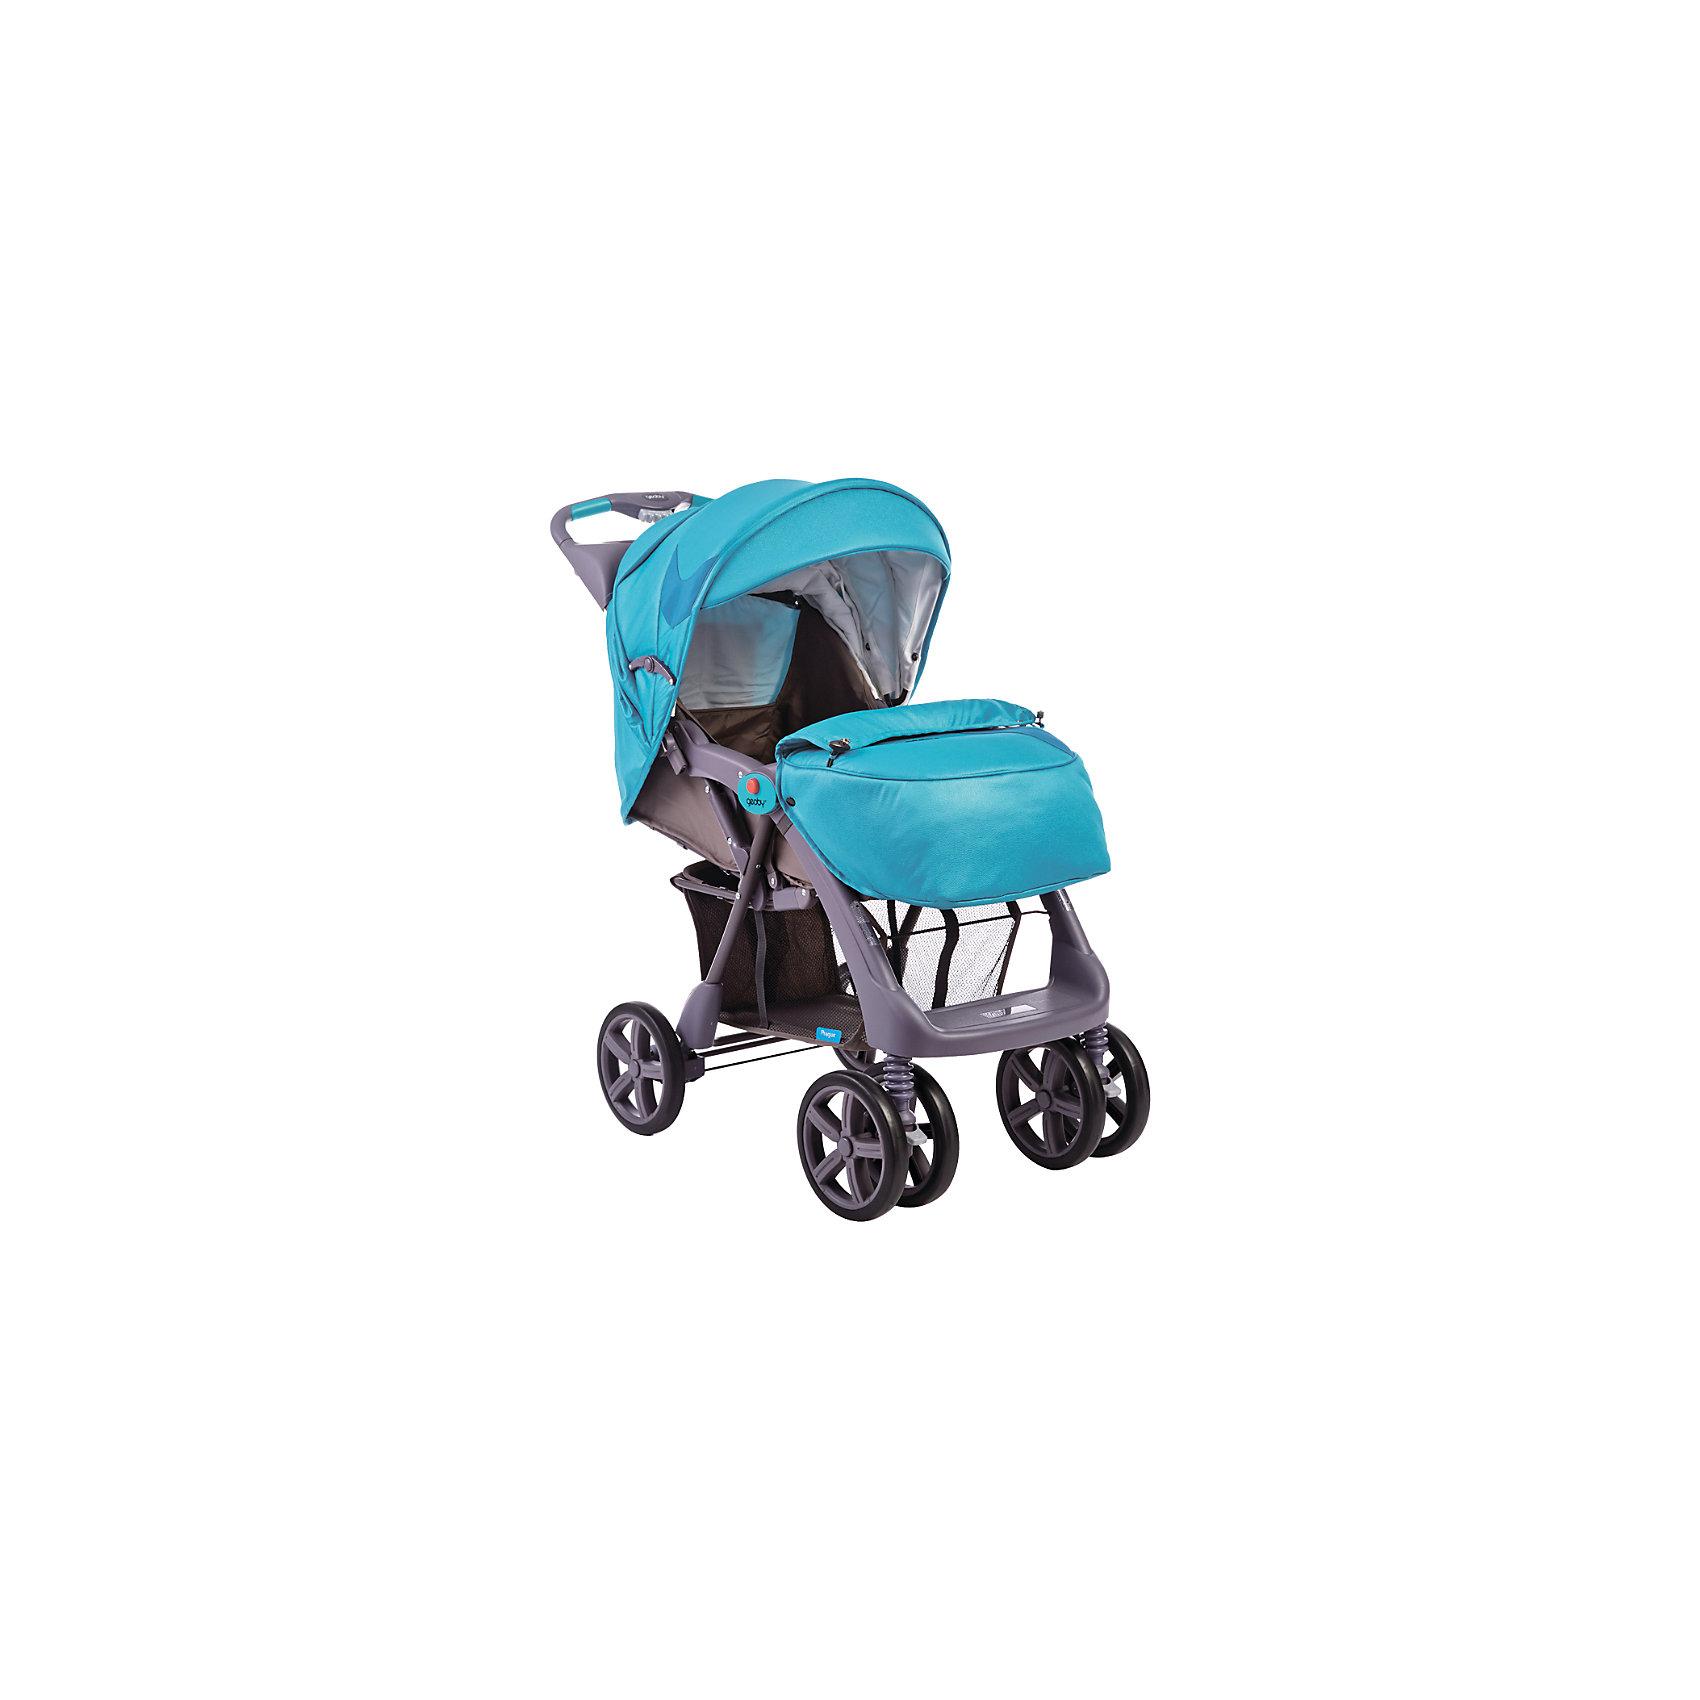 Прогулочная коляска C879CR (RPWL), Geoby, голубой